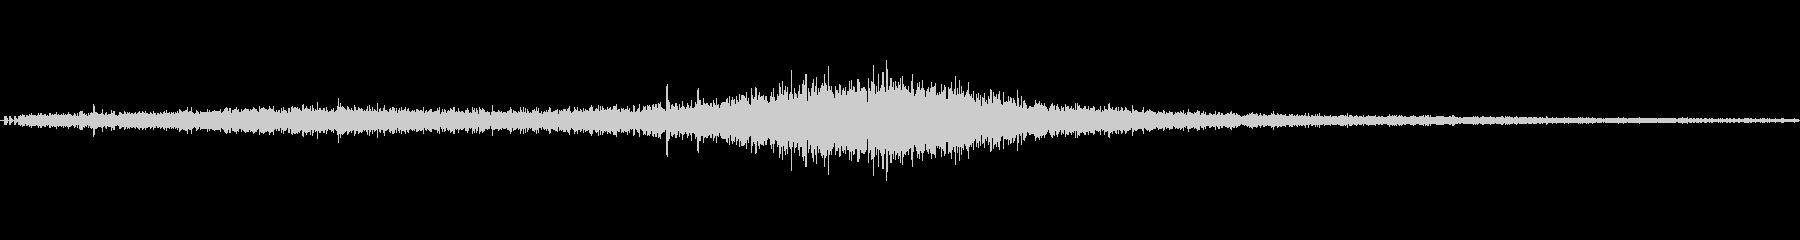 【生音】通行音 - 1 「ぶおーん」の未再生の波形